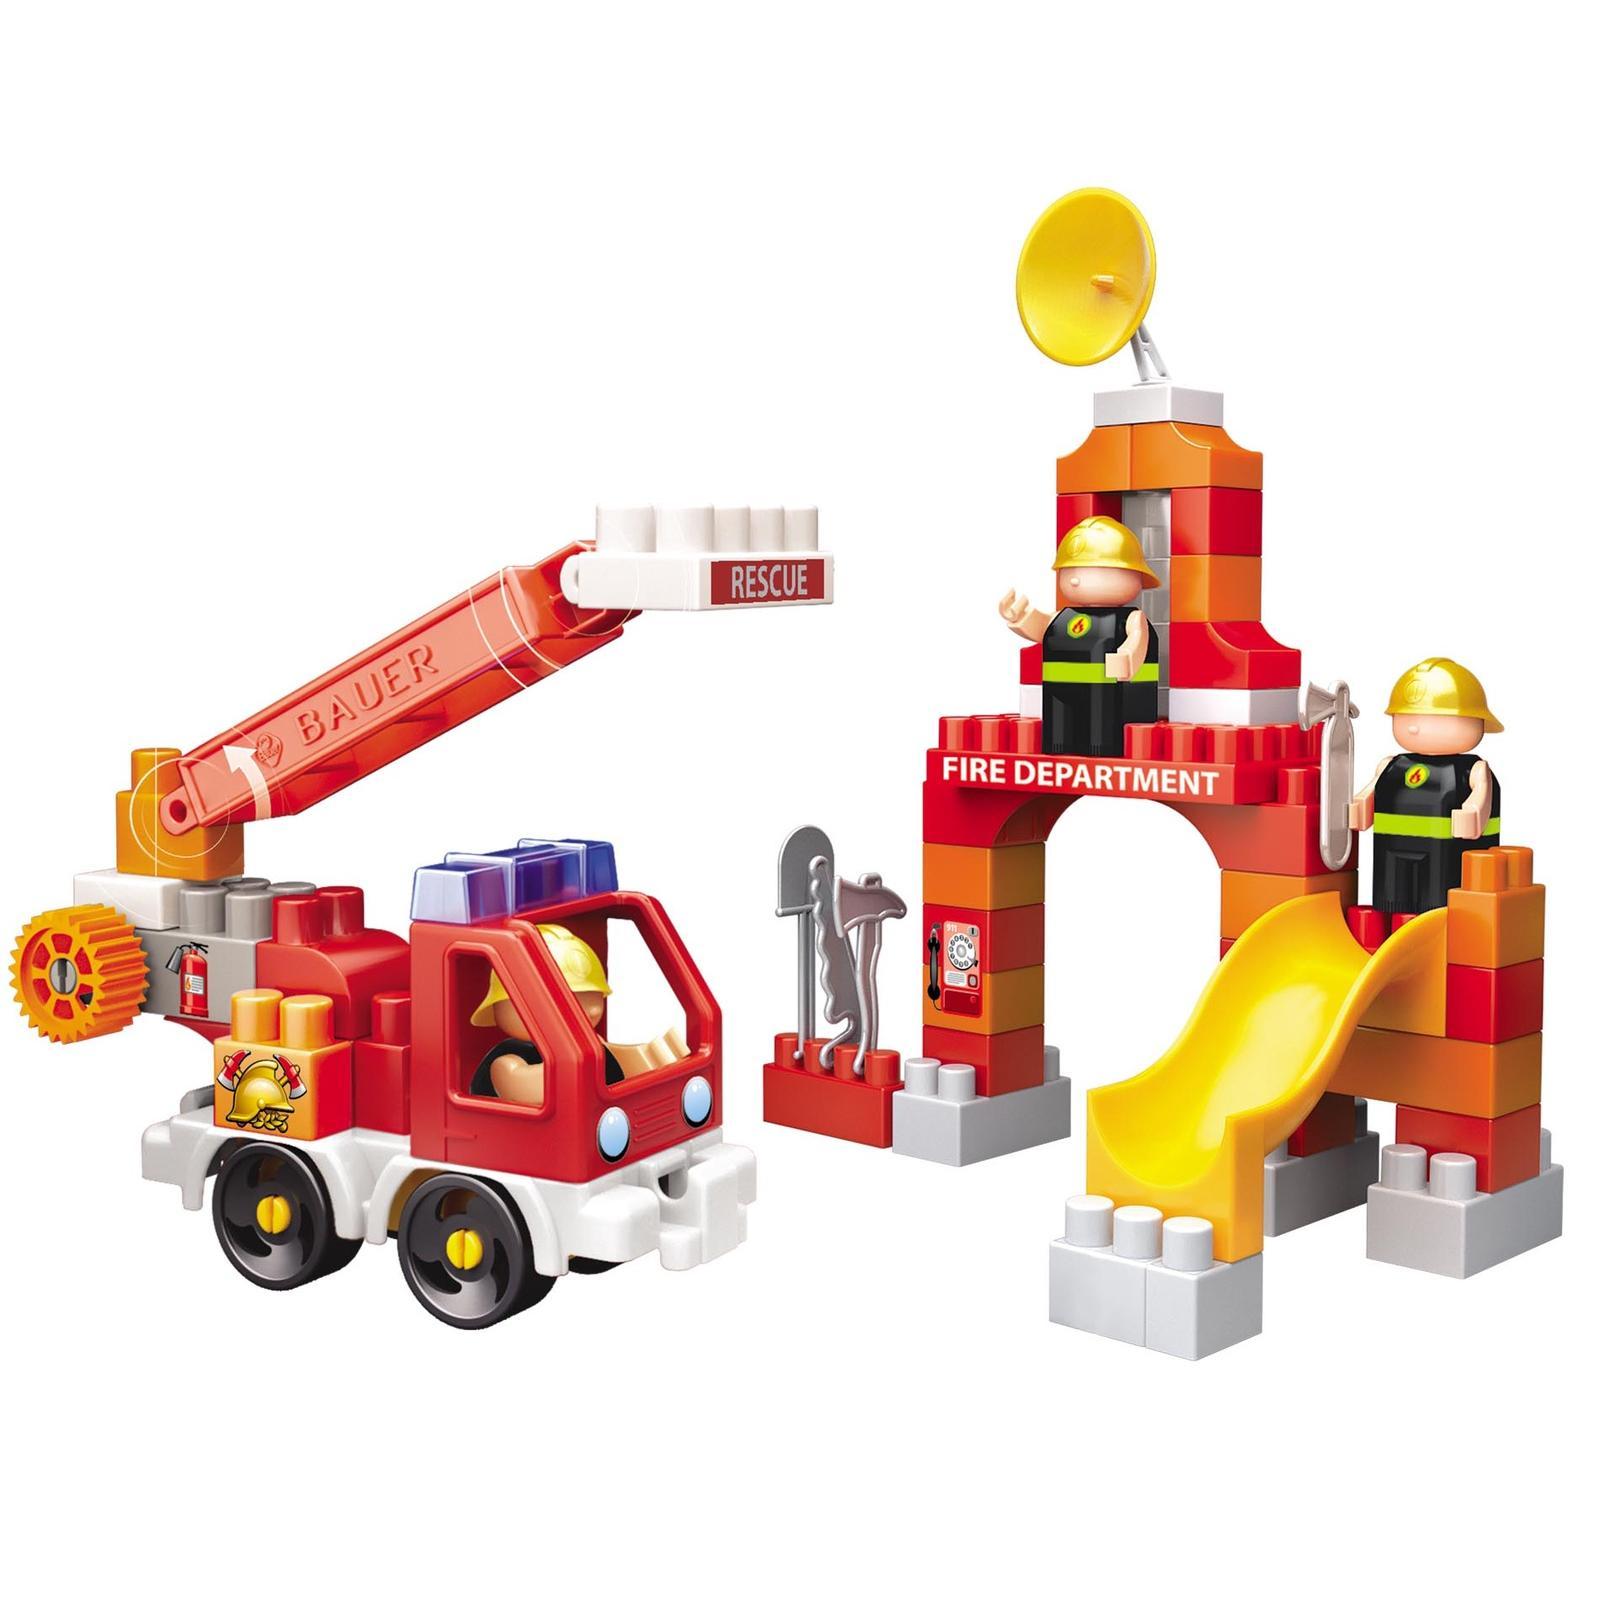 Купить Bauer Конструктор Fireman Пожарная машина и тренировочная площадка 740, Россия